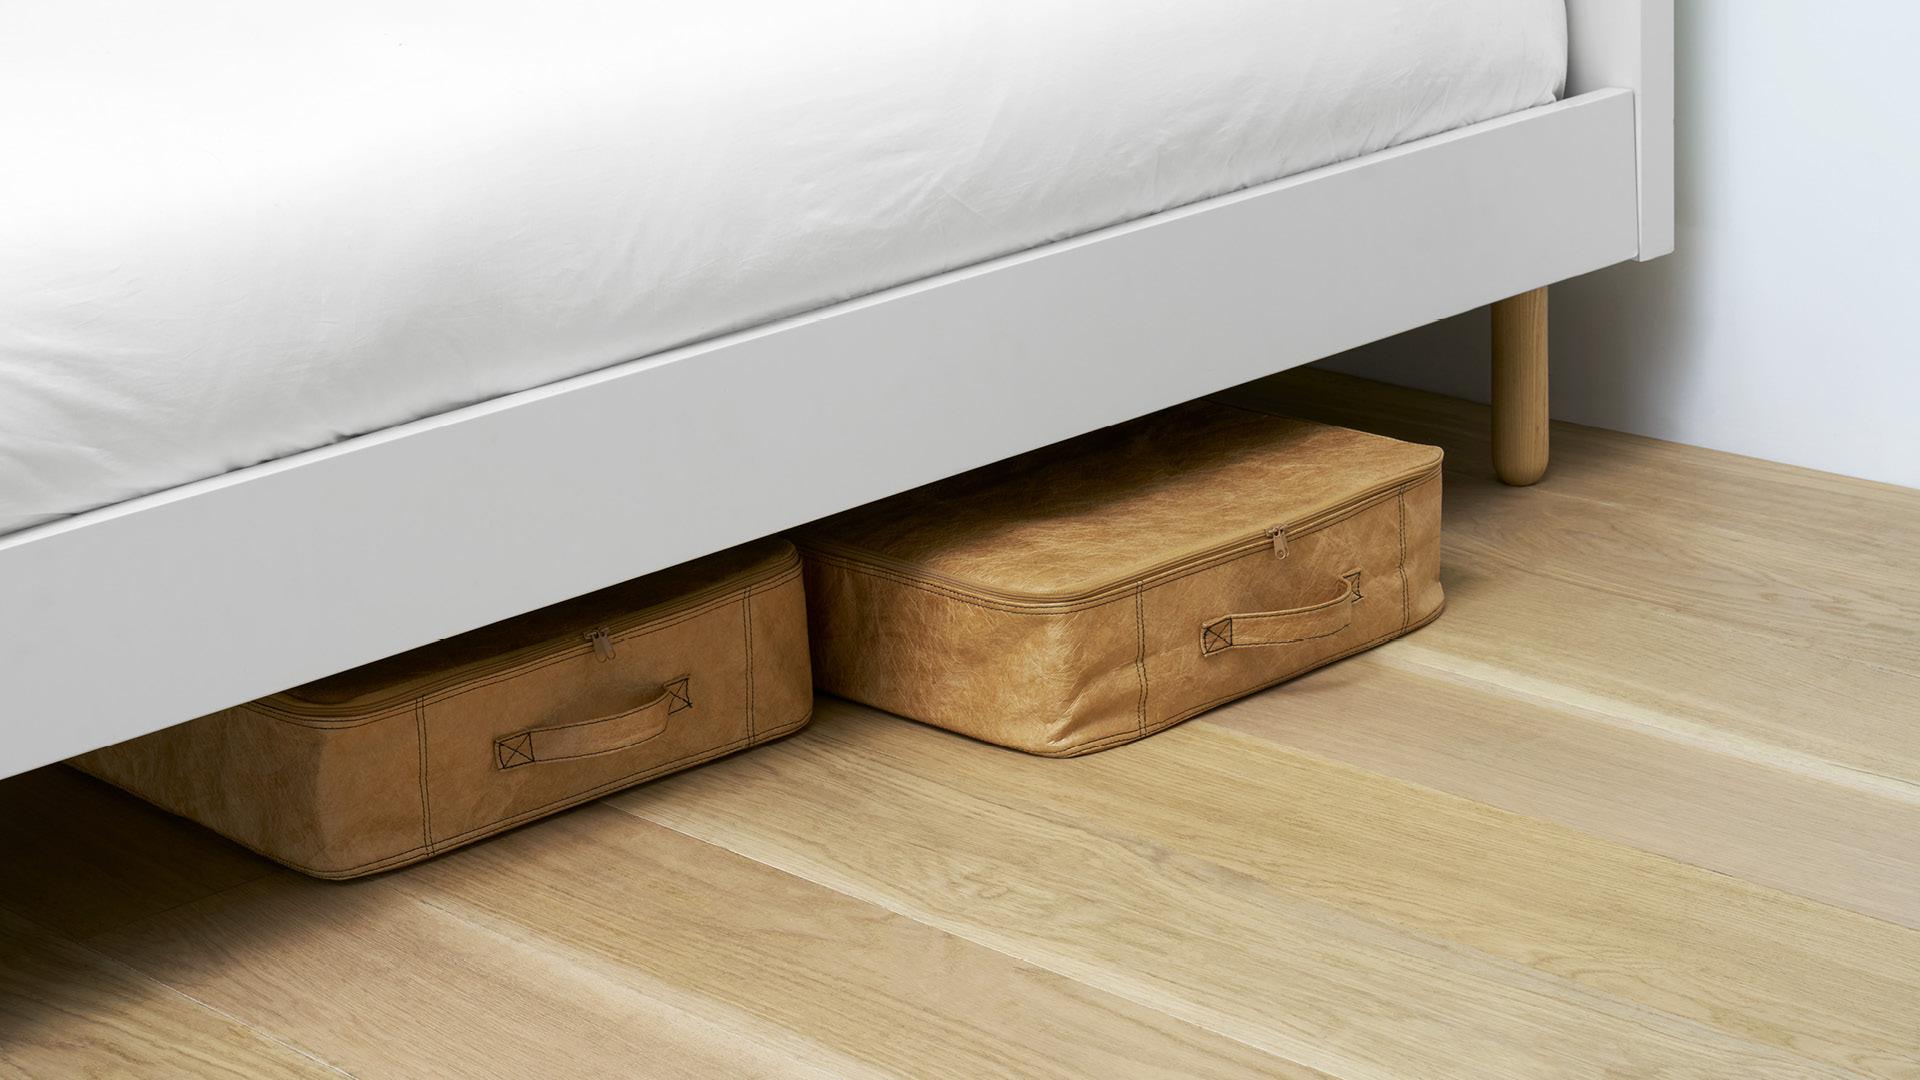 床下空间有效利用,居室生活井然有序